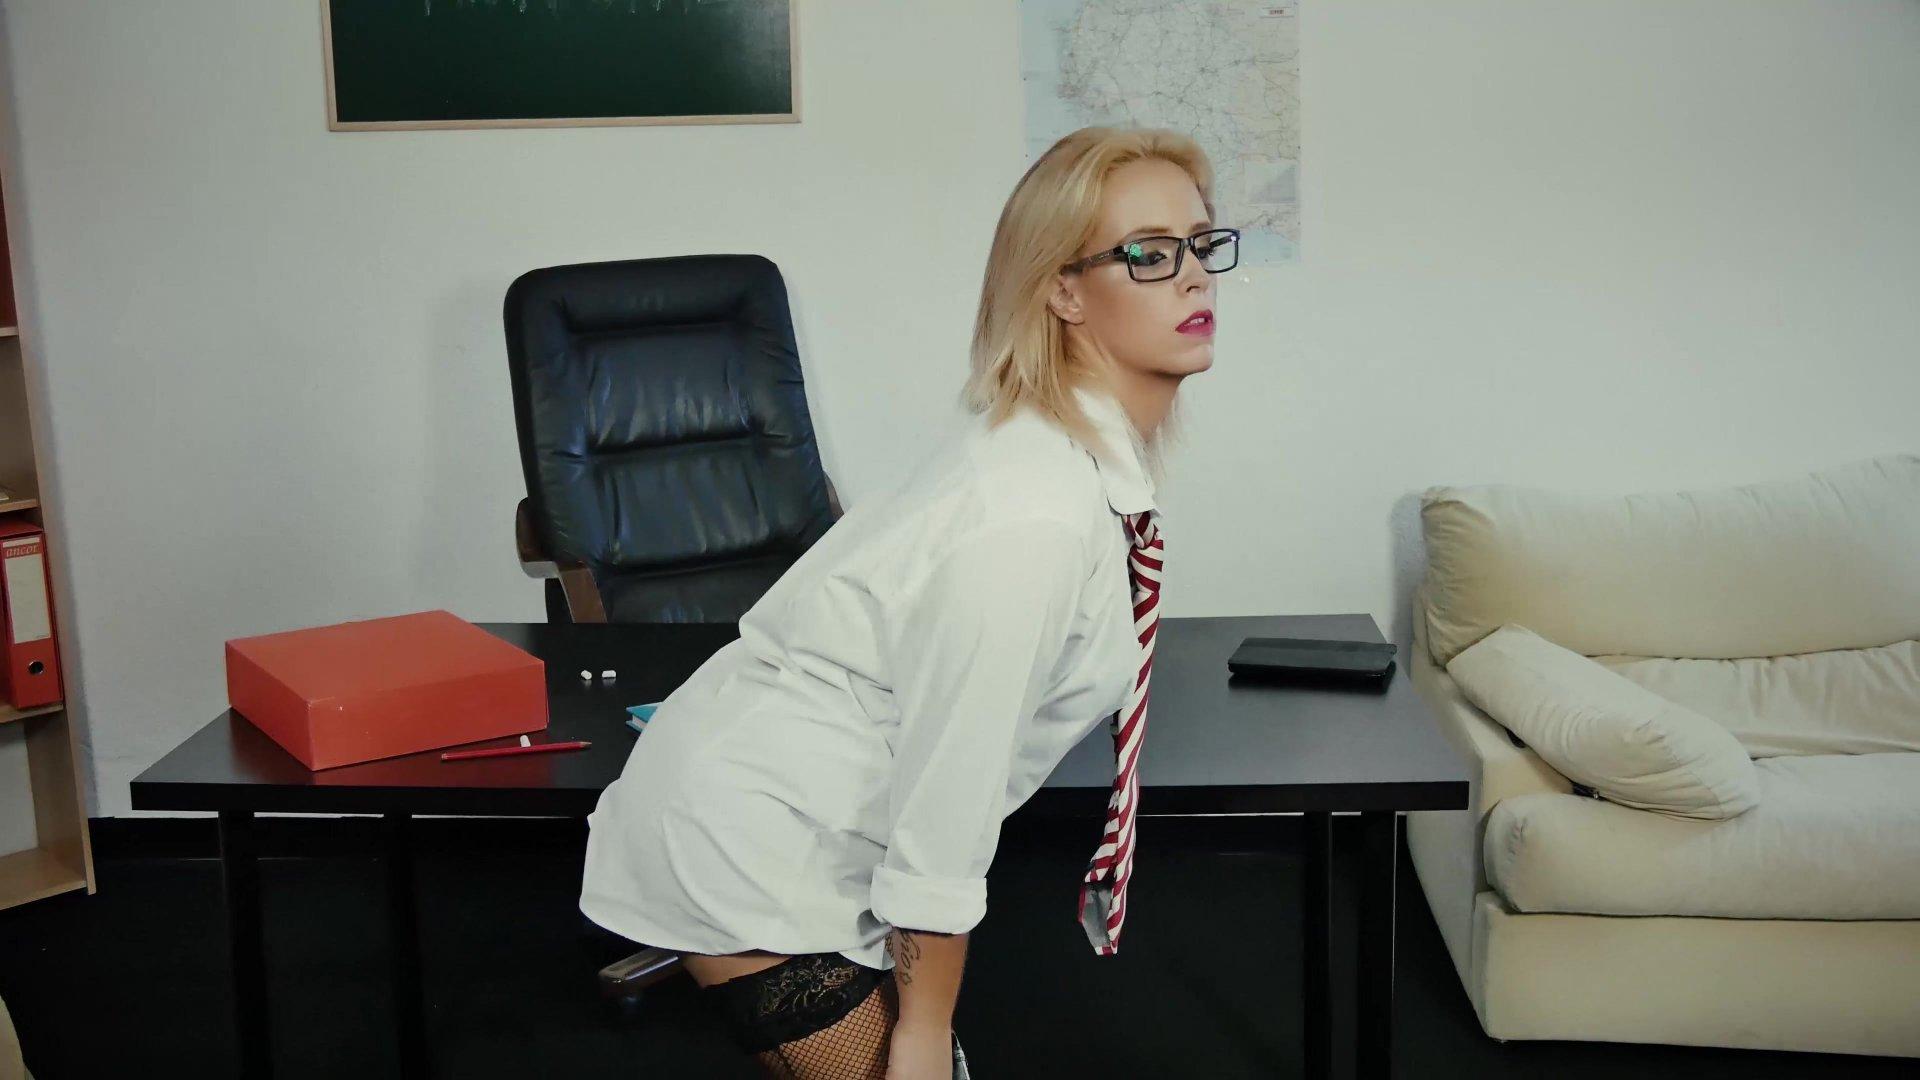 Трахнул офигенную училку, Секс с училкой - учись сексу в Порно с Училкой онлайн! 8 фотография